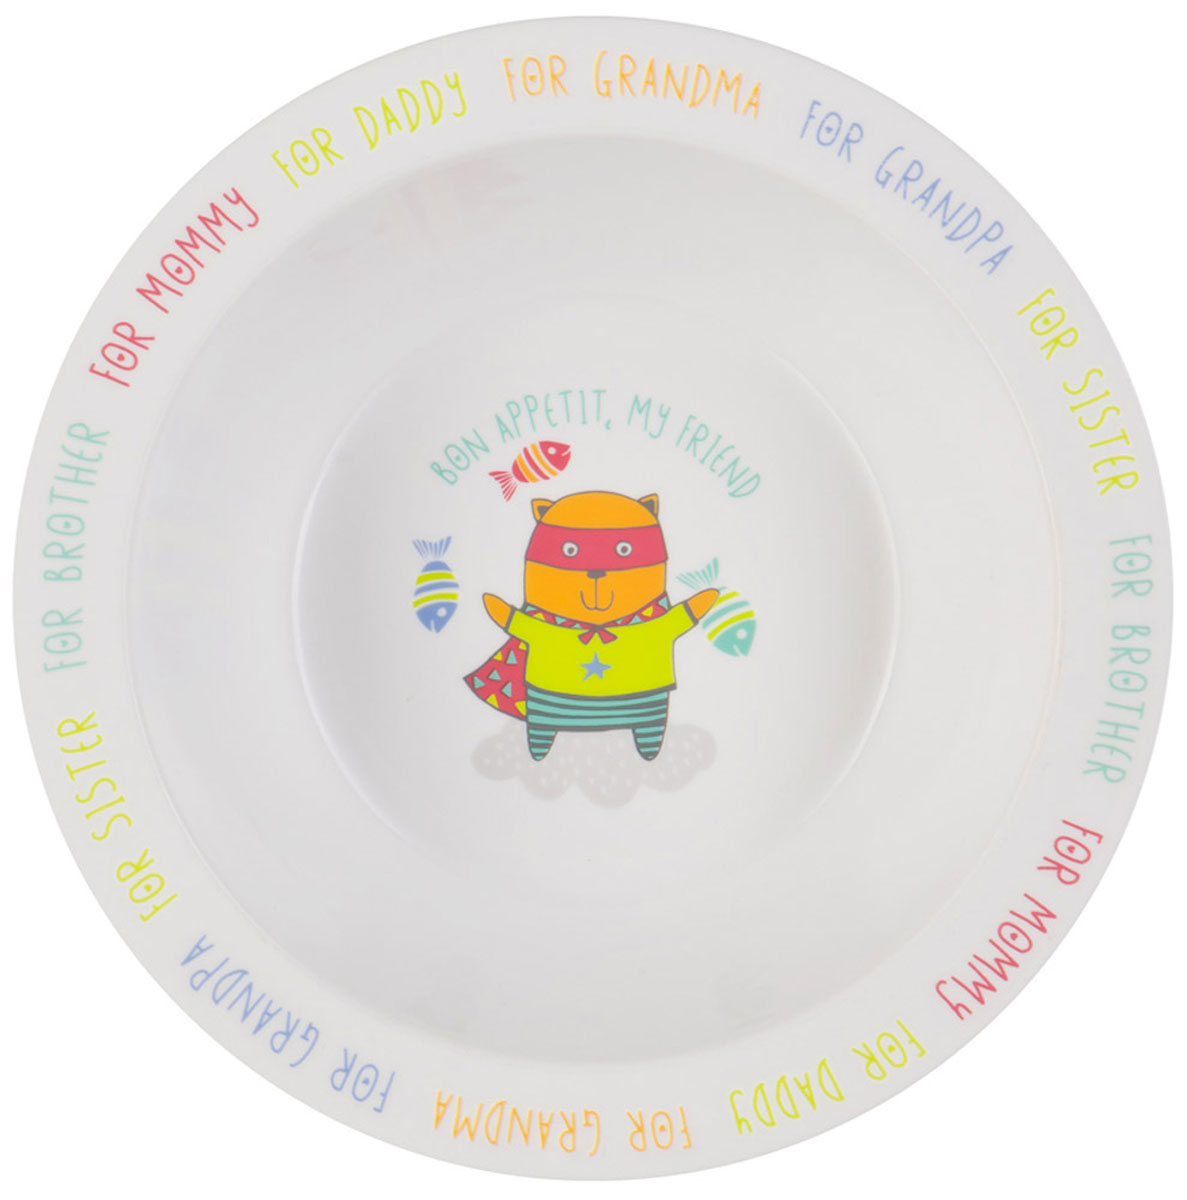 Happy Baby Тарелка детская Кот115510Тарелка детская Happy Baby Кот изготовлена из безопасного материала.Тарелочка, оформленная веселой картинкой, понравится и малышу, и родителям! Ребенок будет с удовольствием учиться кушать самостоятельно. Тарелочка подходит для горячей и холодной пищи.Яркий дизайн тарелки превращает процесс кормления в увлекательную игру.Можно использовать в СВЧ-печи и мыть в посудомоечной машине.Подходит для детей от 6 месяцев.